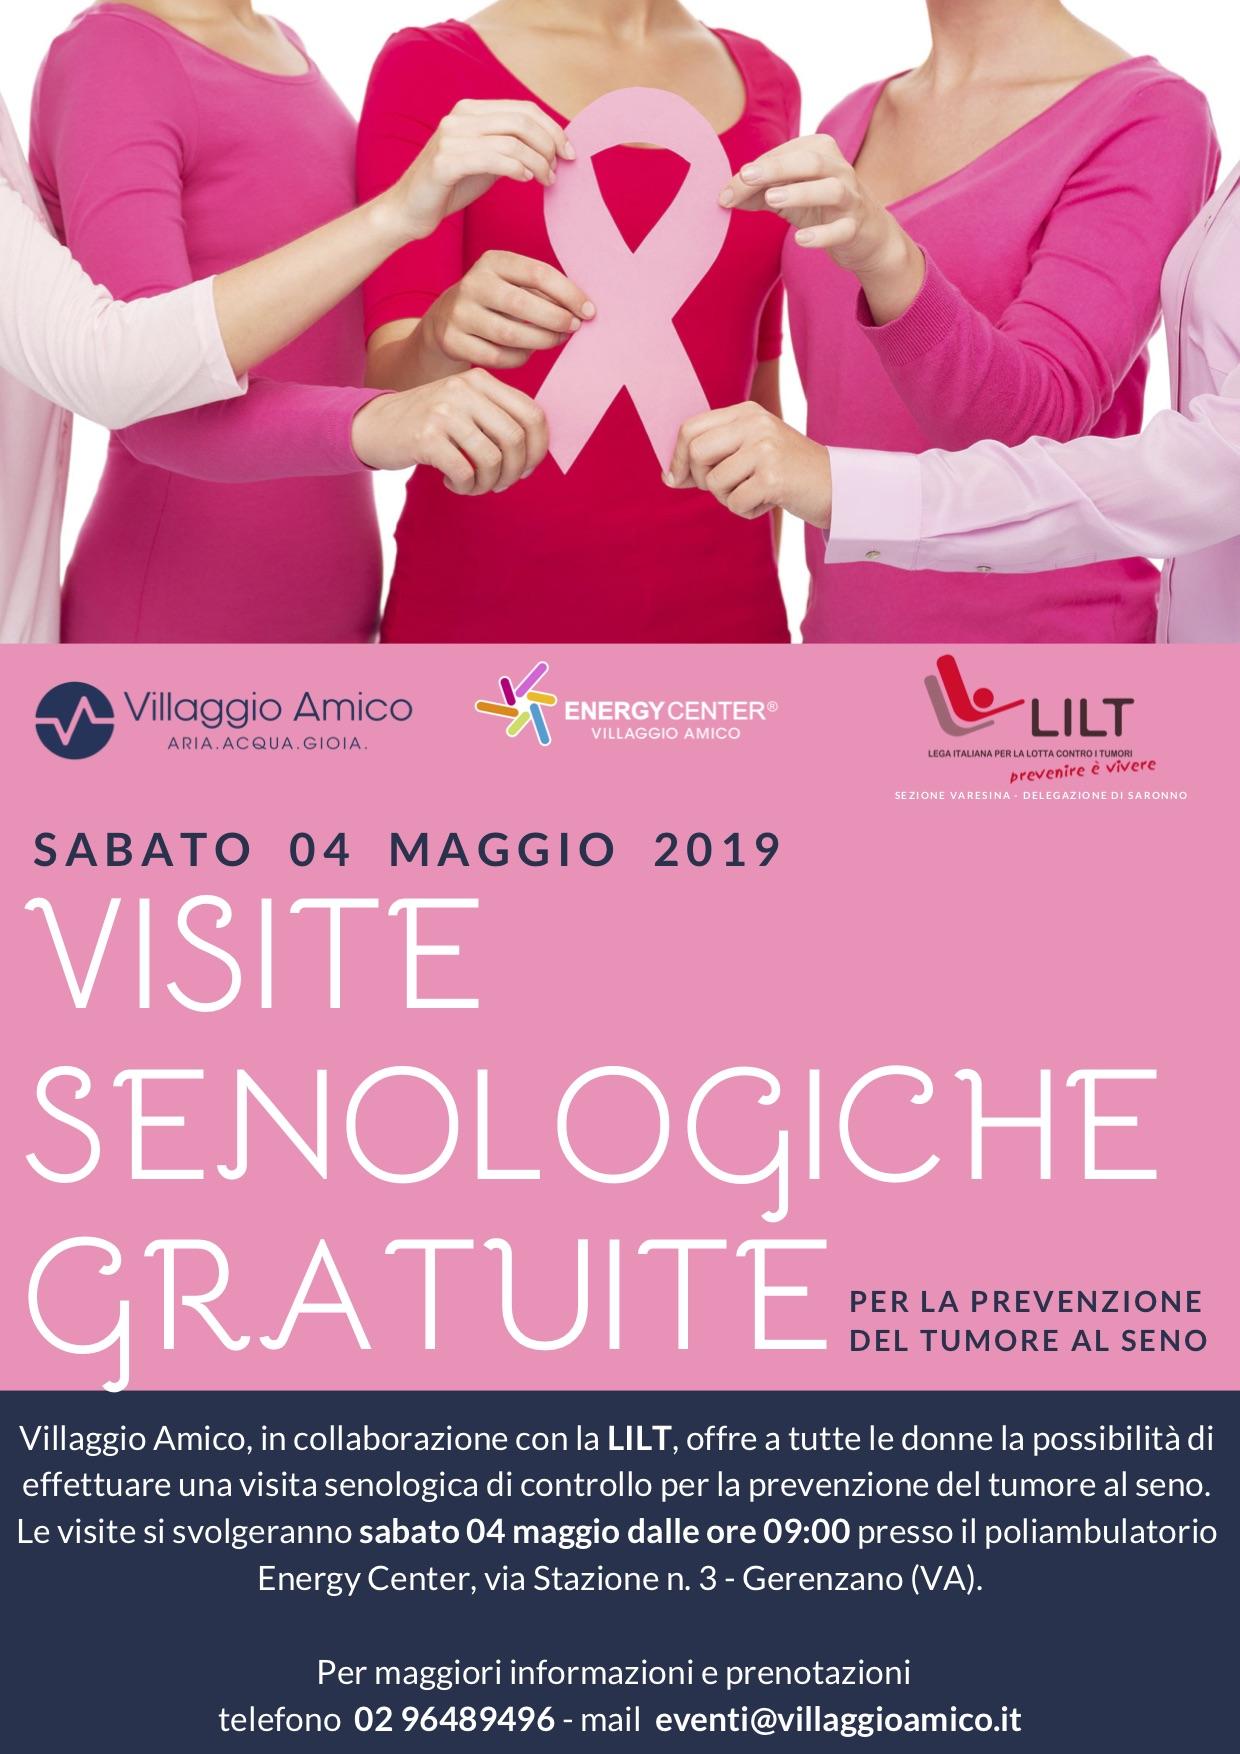 Villaggio Amico e LILT insieme il 4 maggio per la prevenzione del tumore al seno